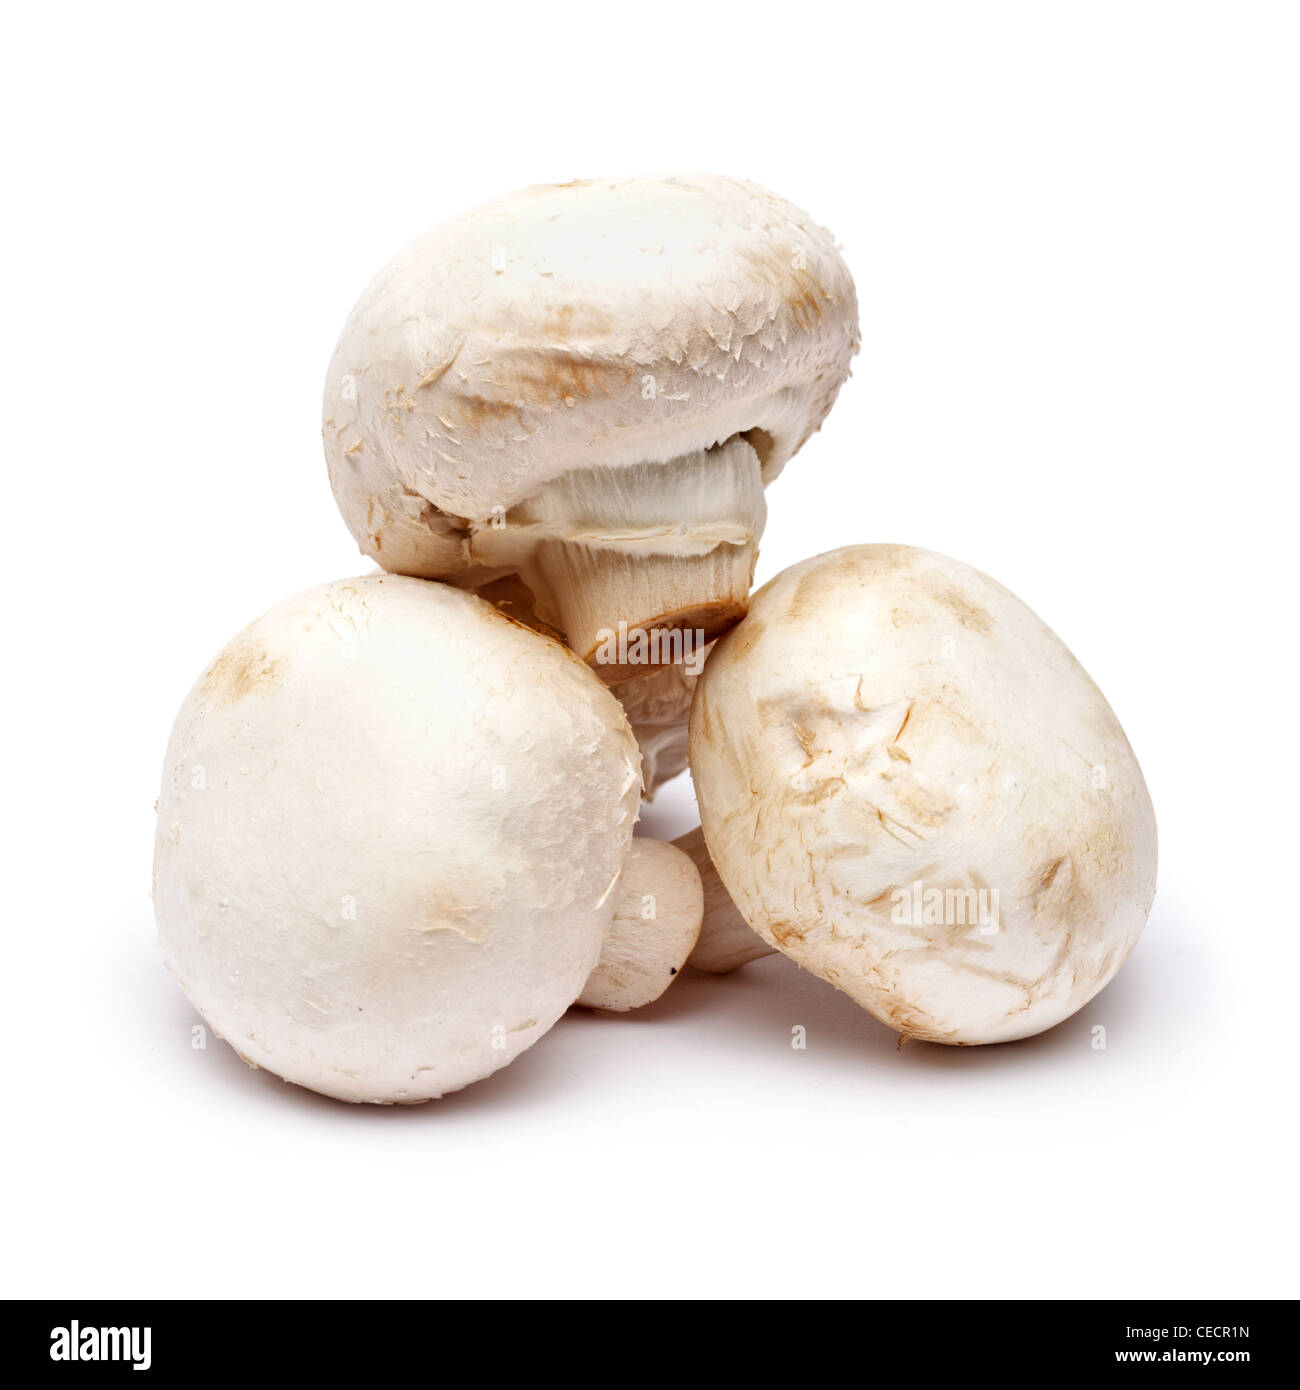 Mushrooms on white background - Stock Image